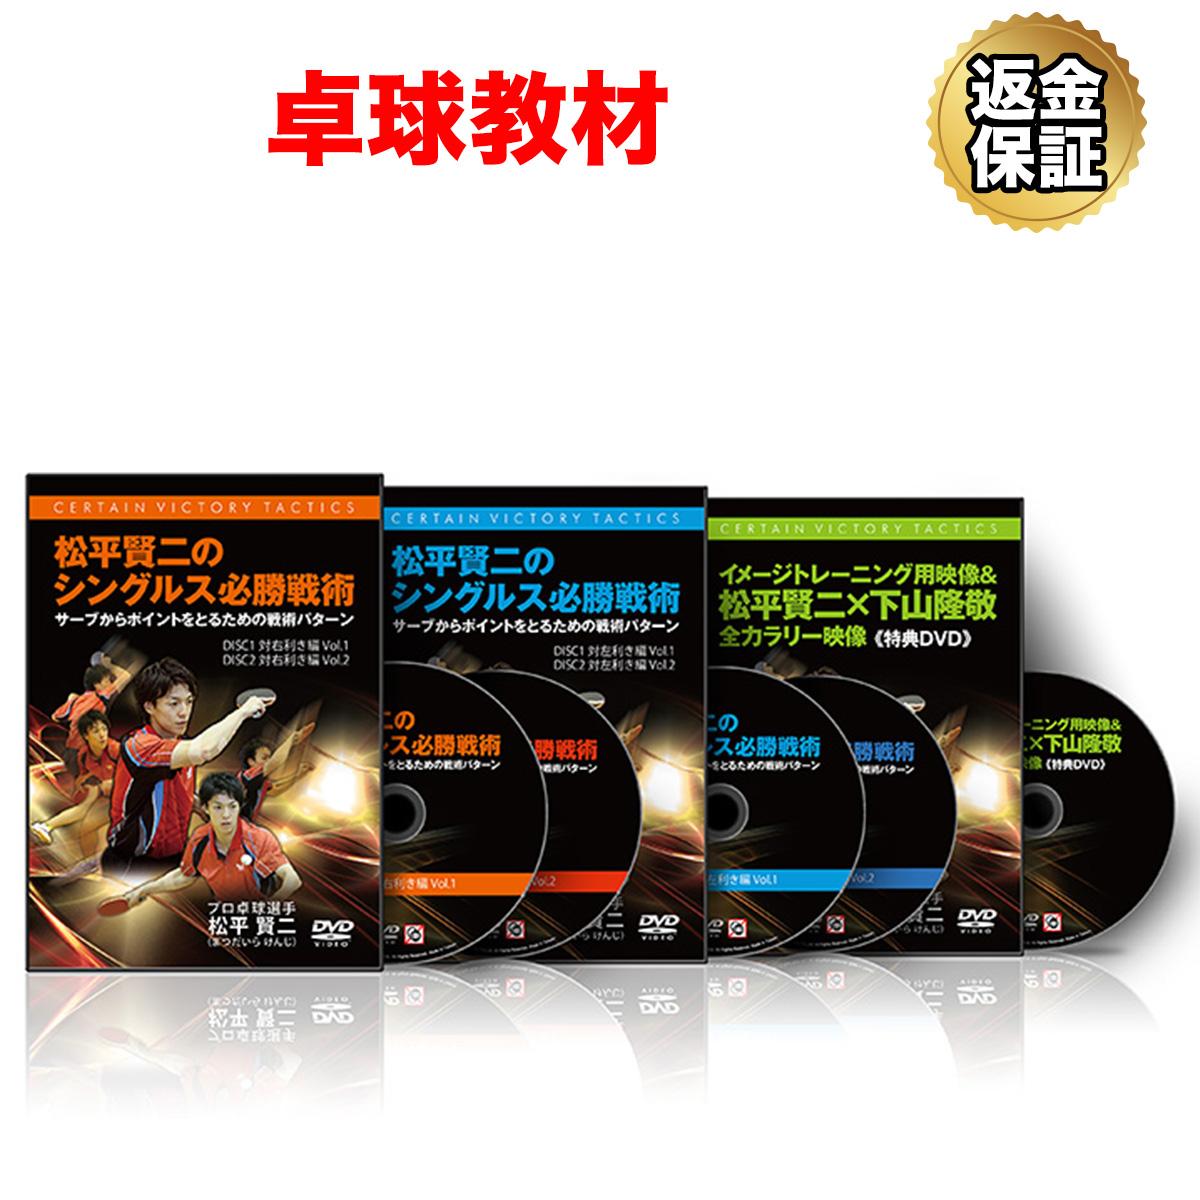 【卓球】松平賢二のシングルス必勝戦術